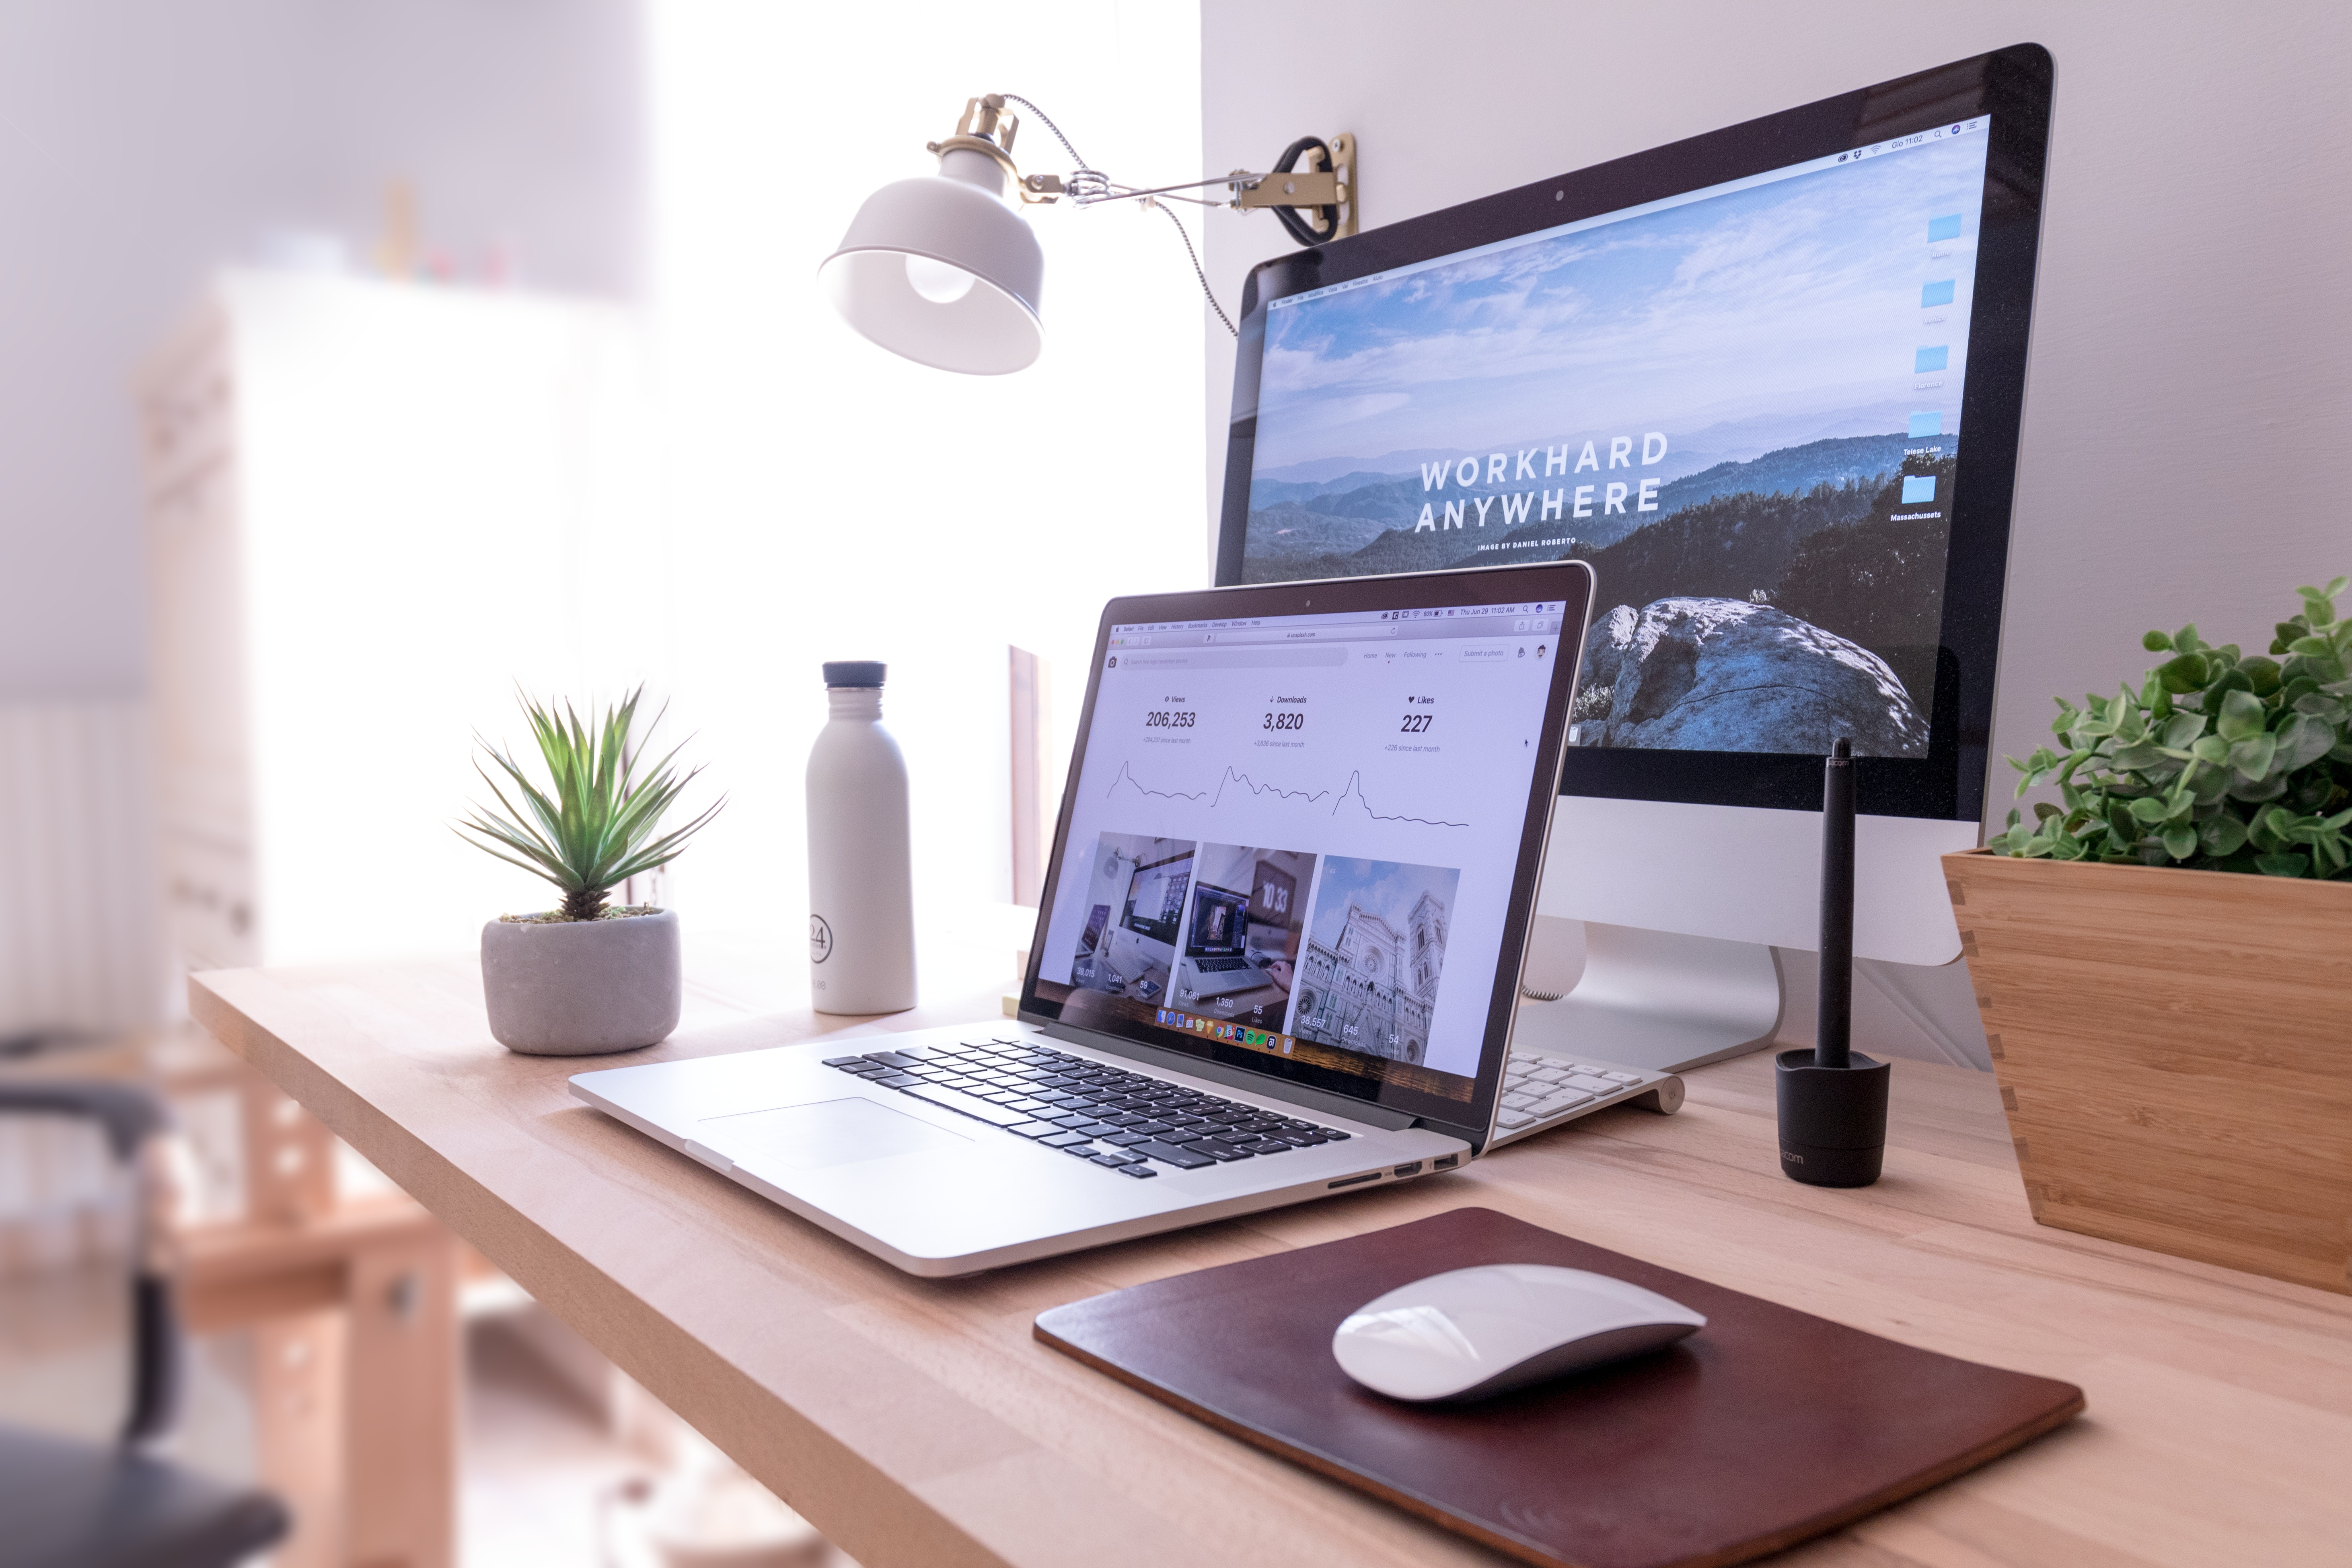 3 Tech hacks to improve productivity